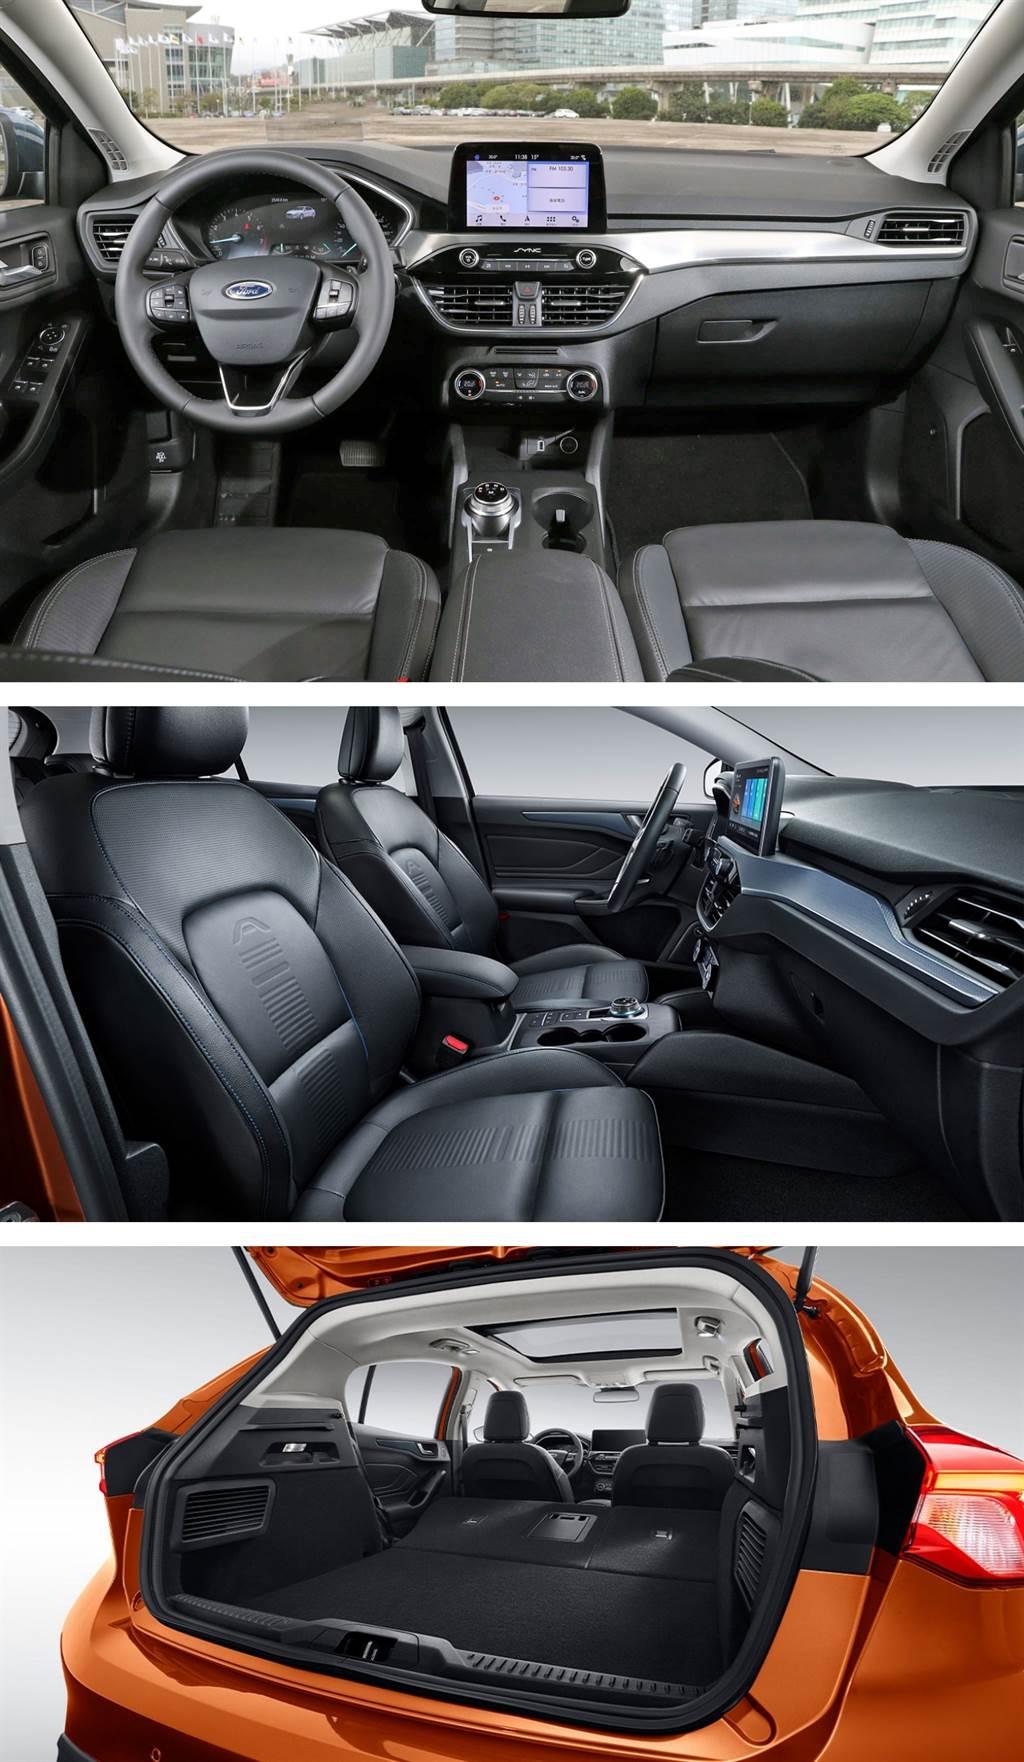 「加高掀背車」Ford Focus Active Crossover 規格即將於 1/8 發表